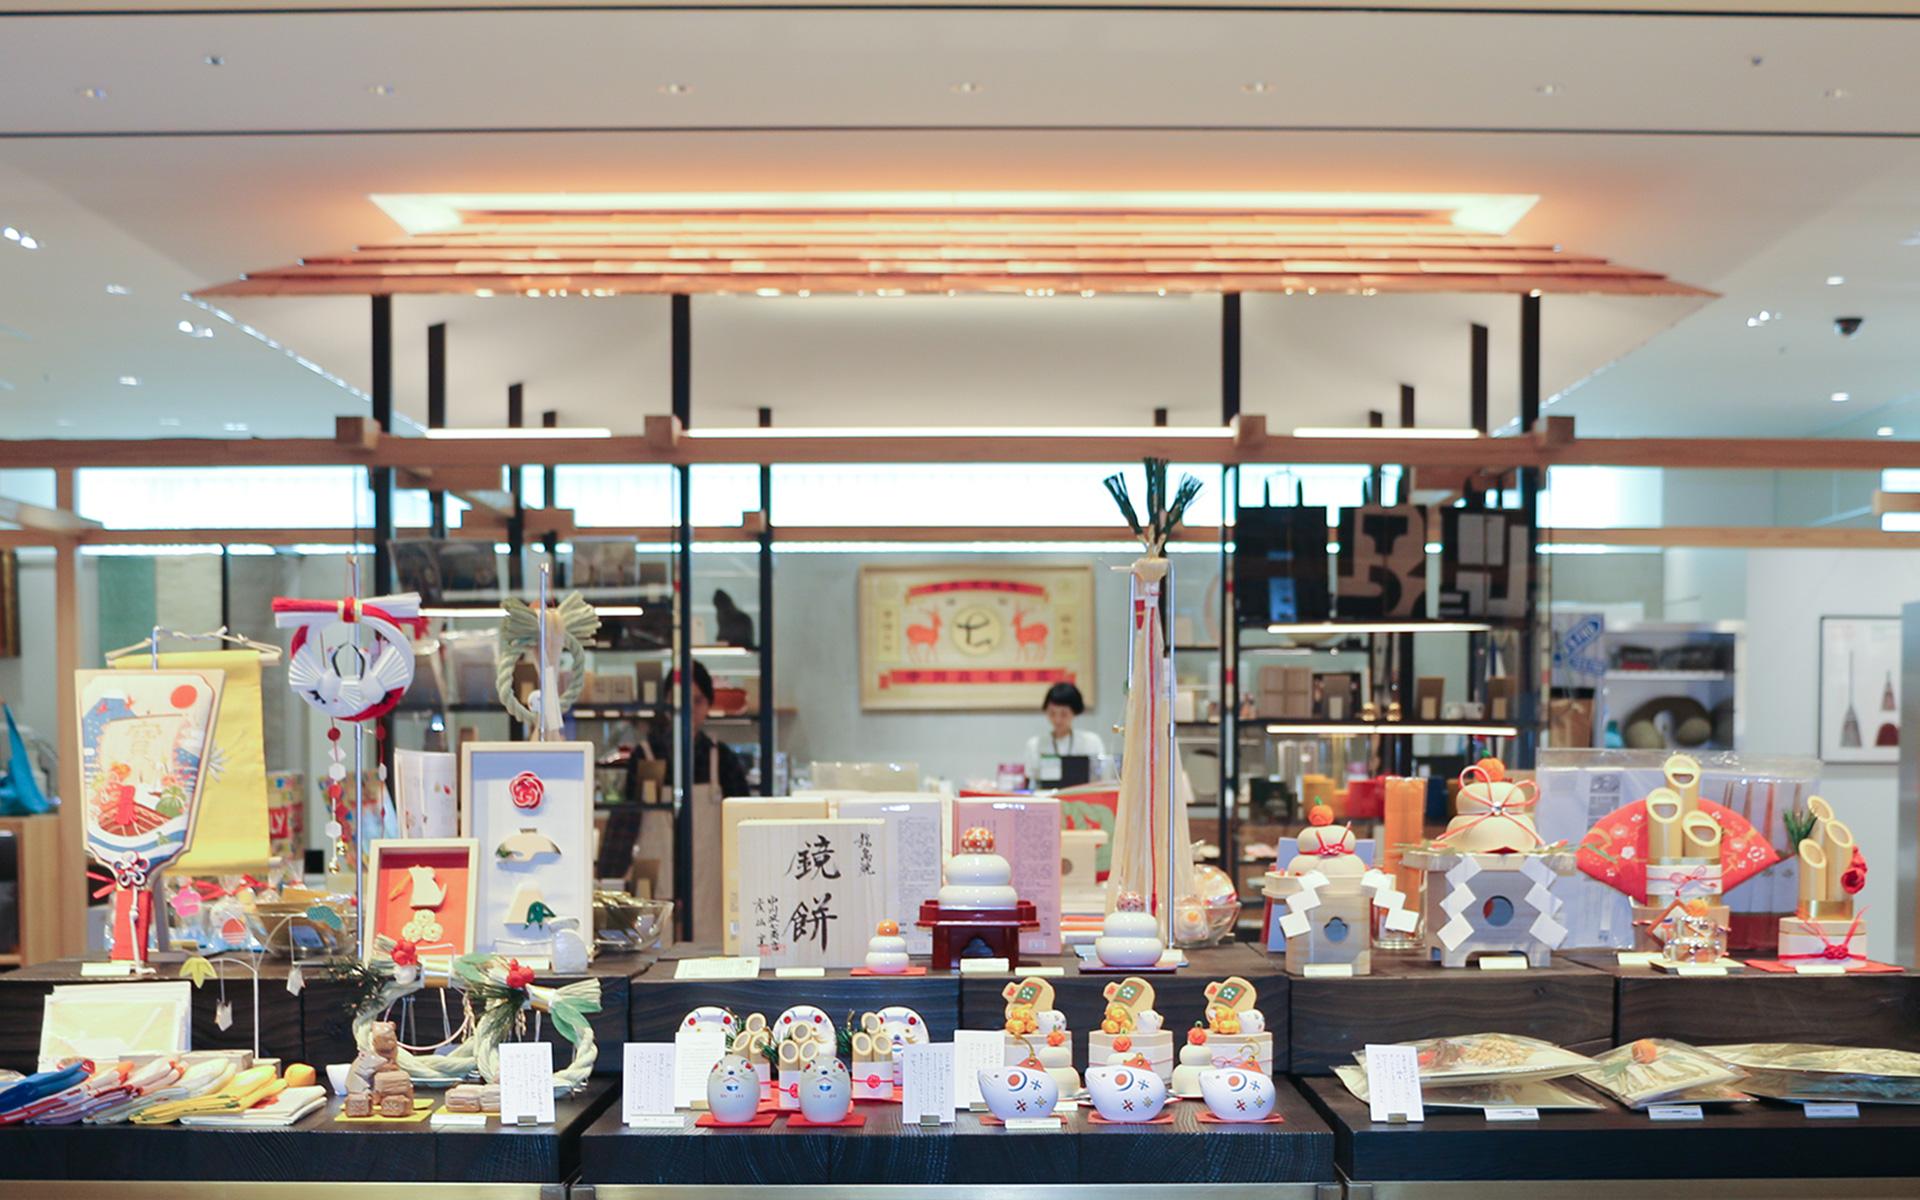 中川政七商店 渋谷店で見つける縁起のいいお正月飾り